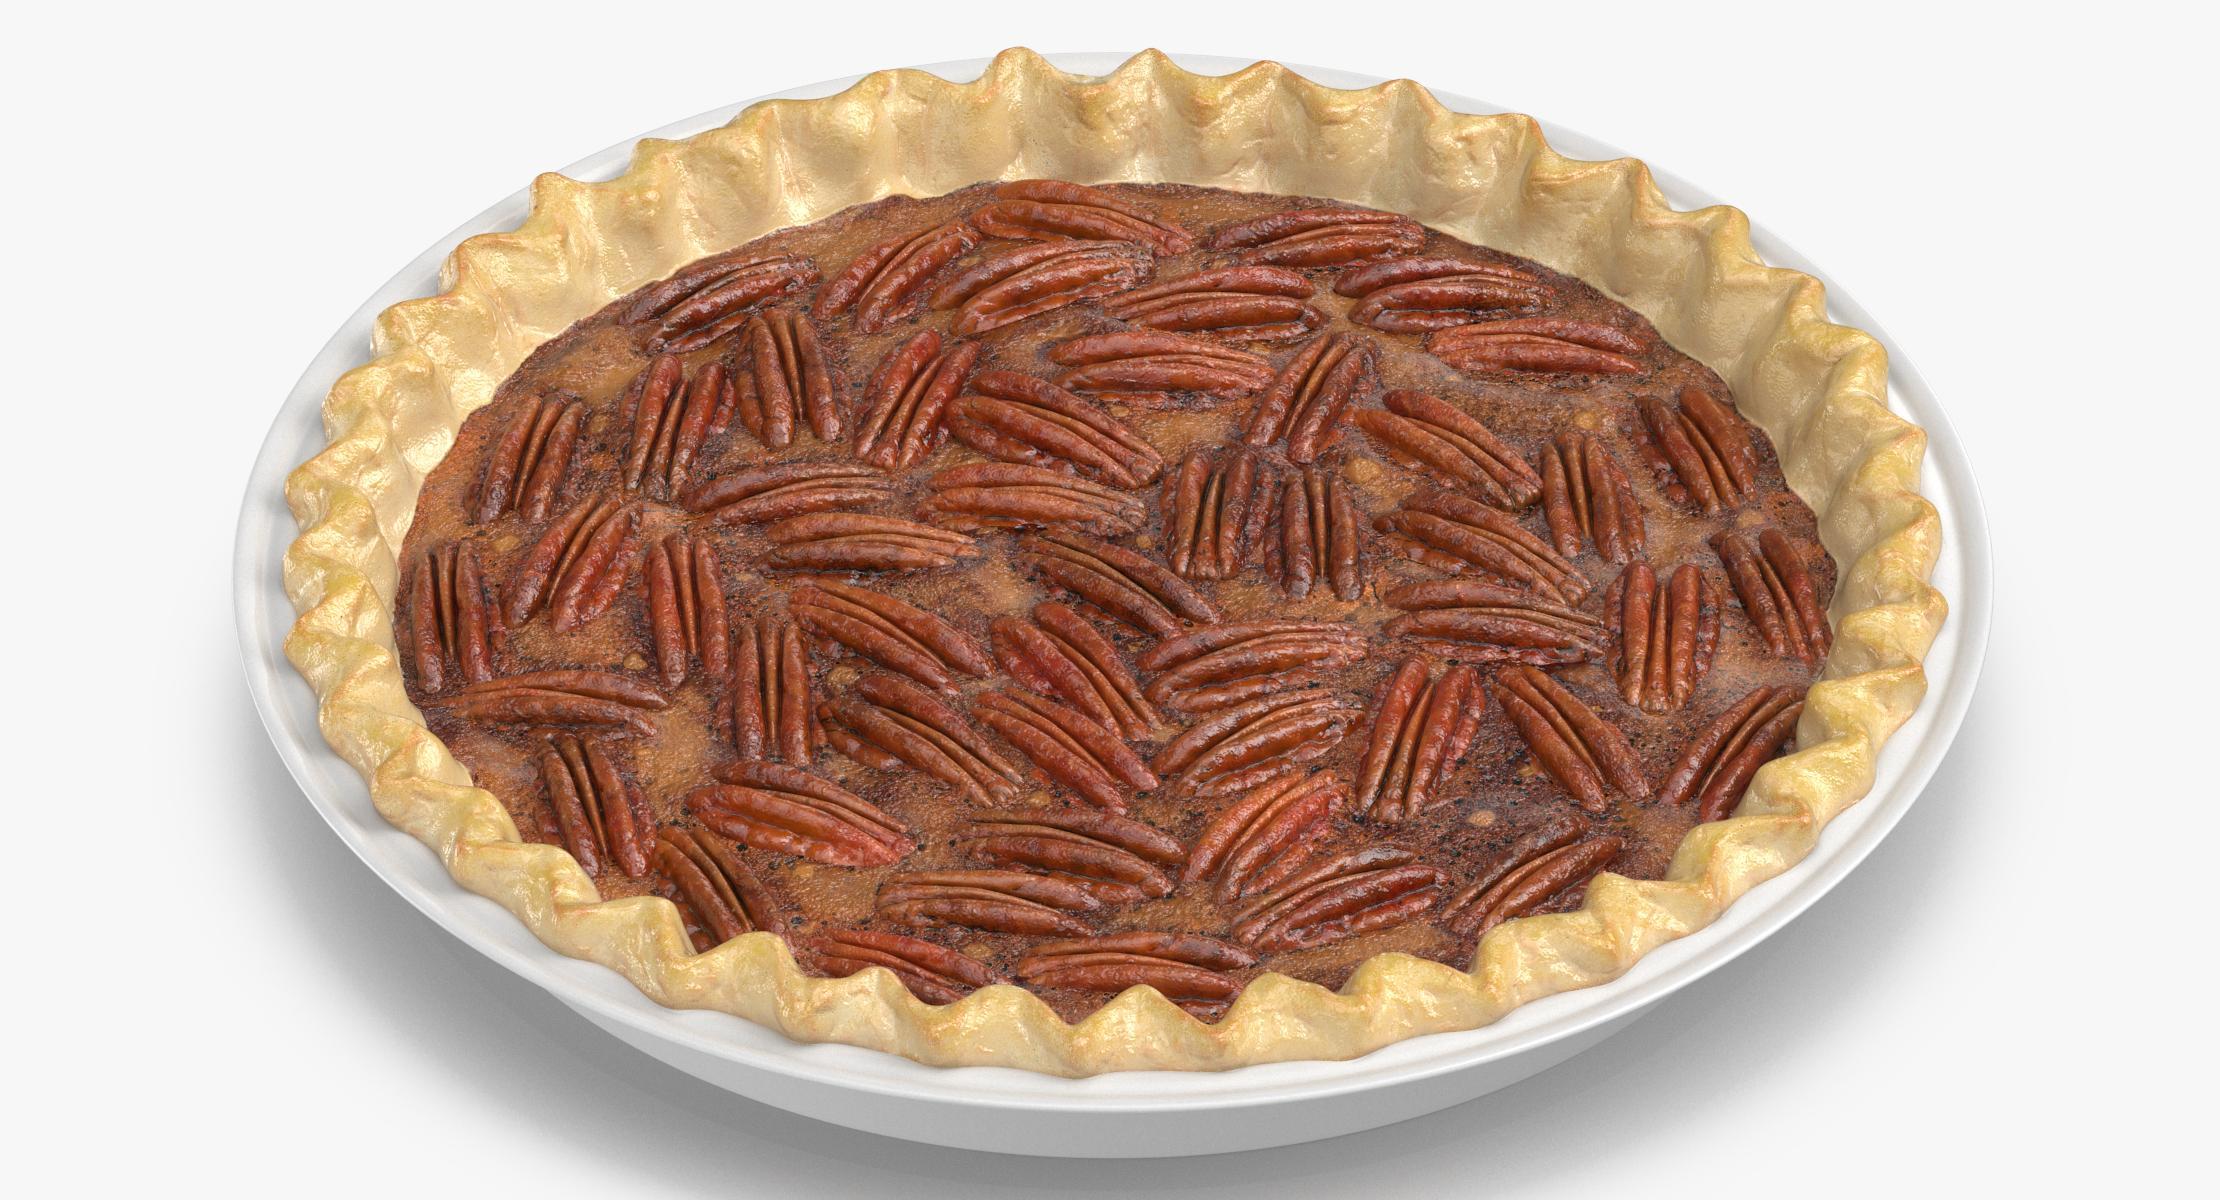 Pecan Pie 01 - reel 1